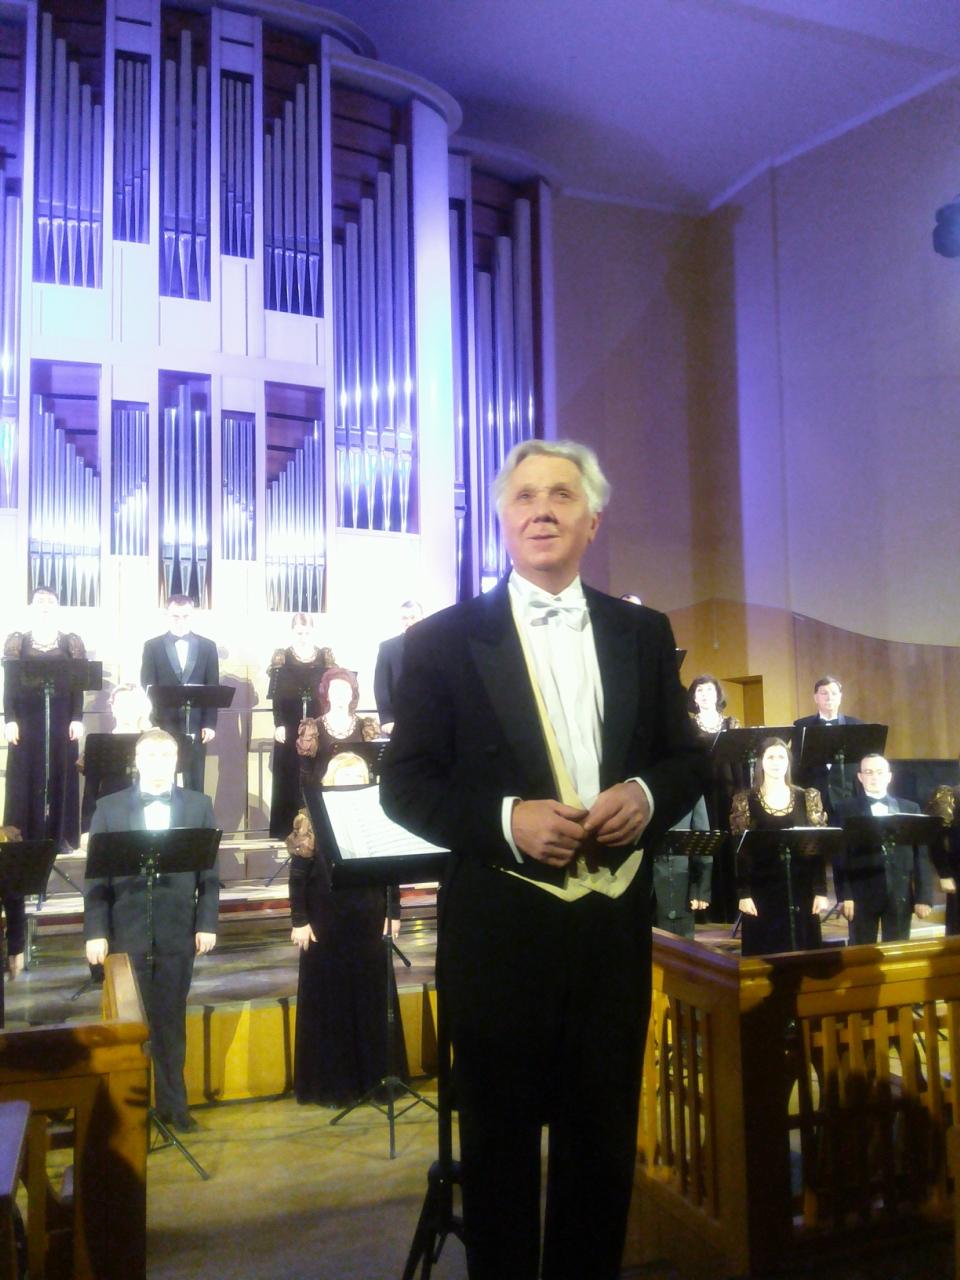 Maroosya Владислав Новик